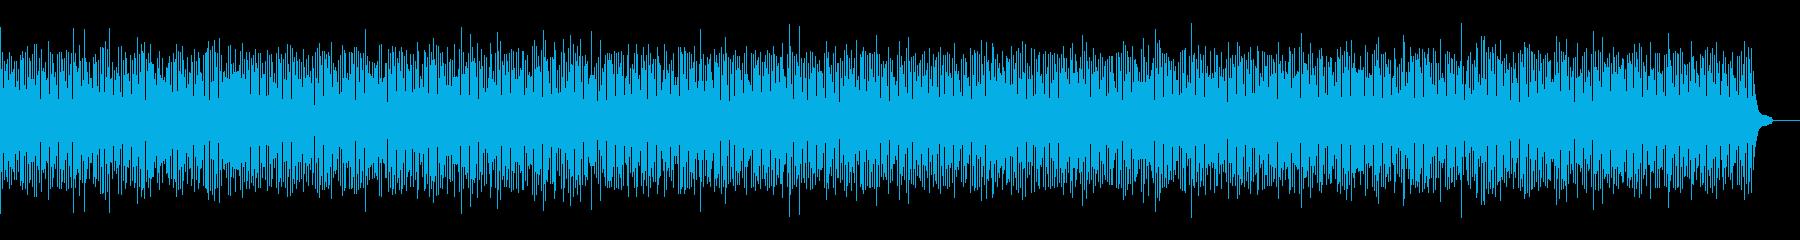 ポップでかわいらしいBGMの再生済みの波形